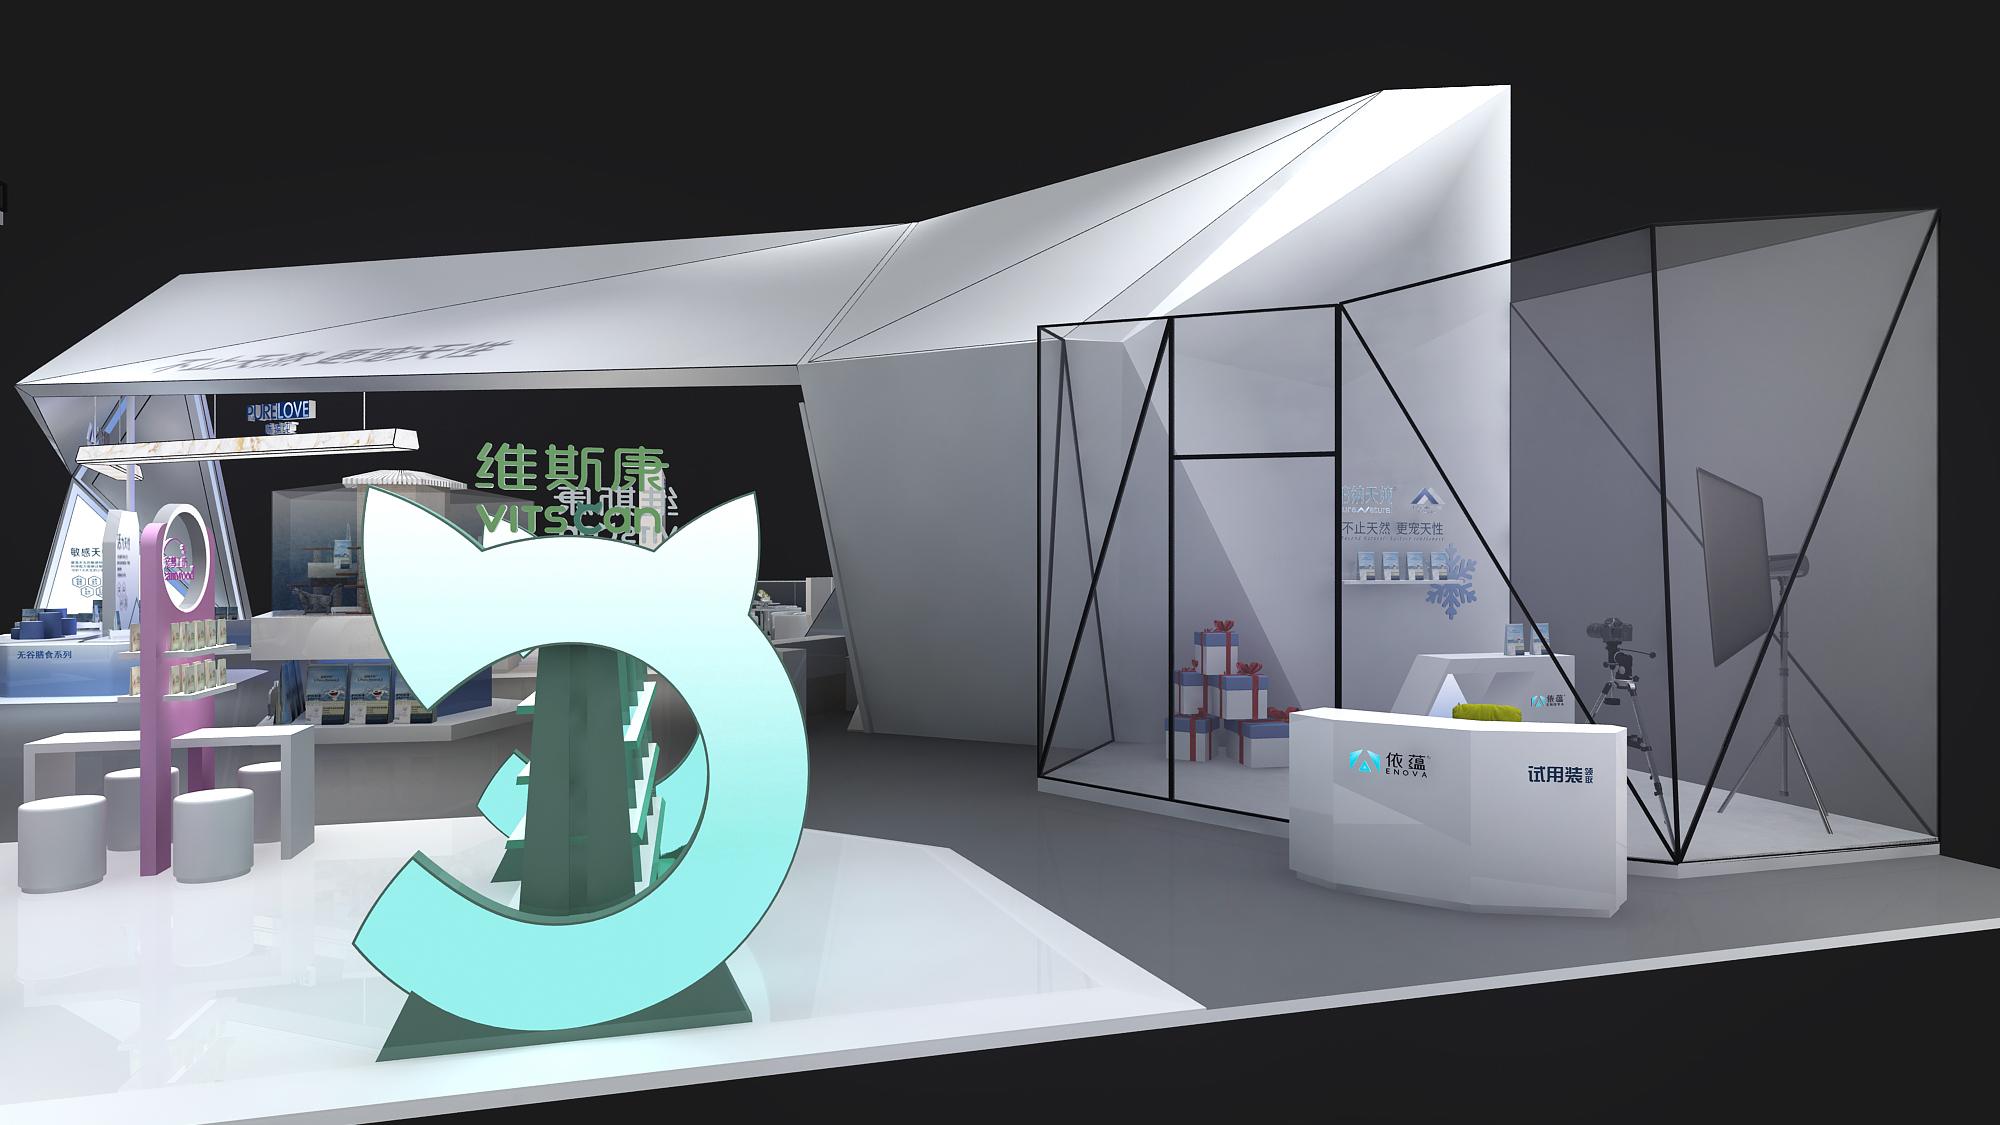 依蕴(伯纳天纯)-宠物展展台设计案例